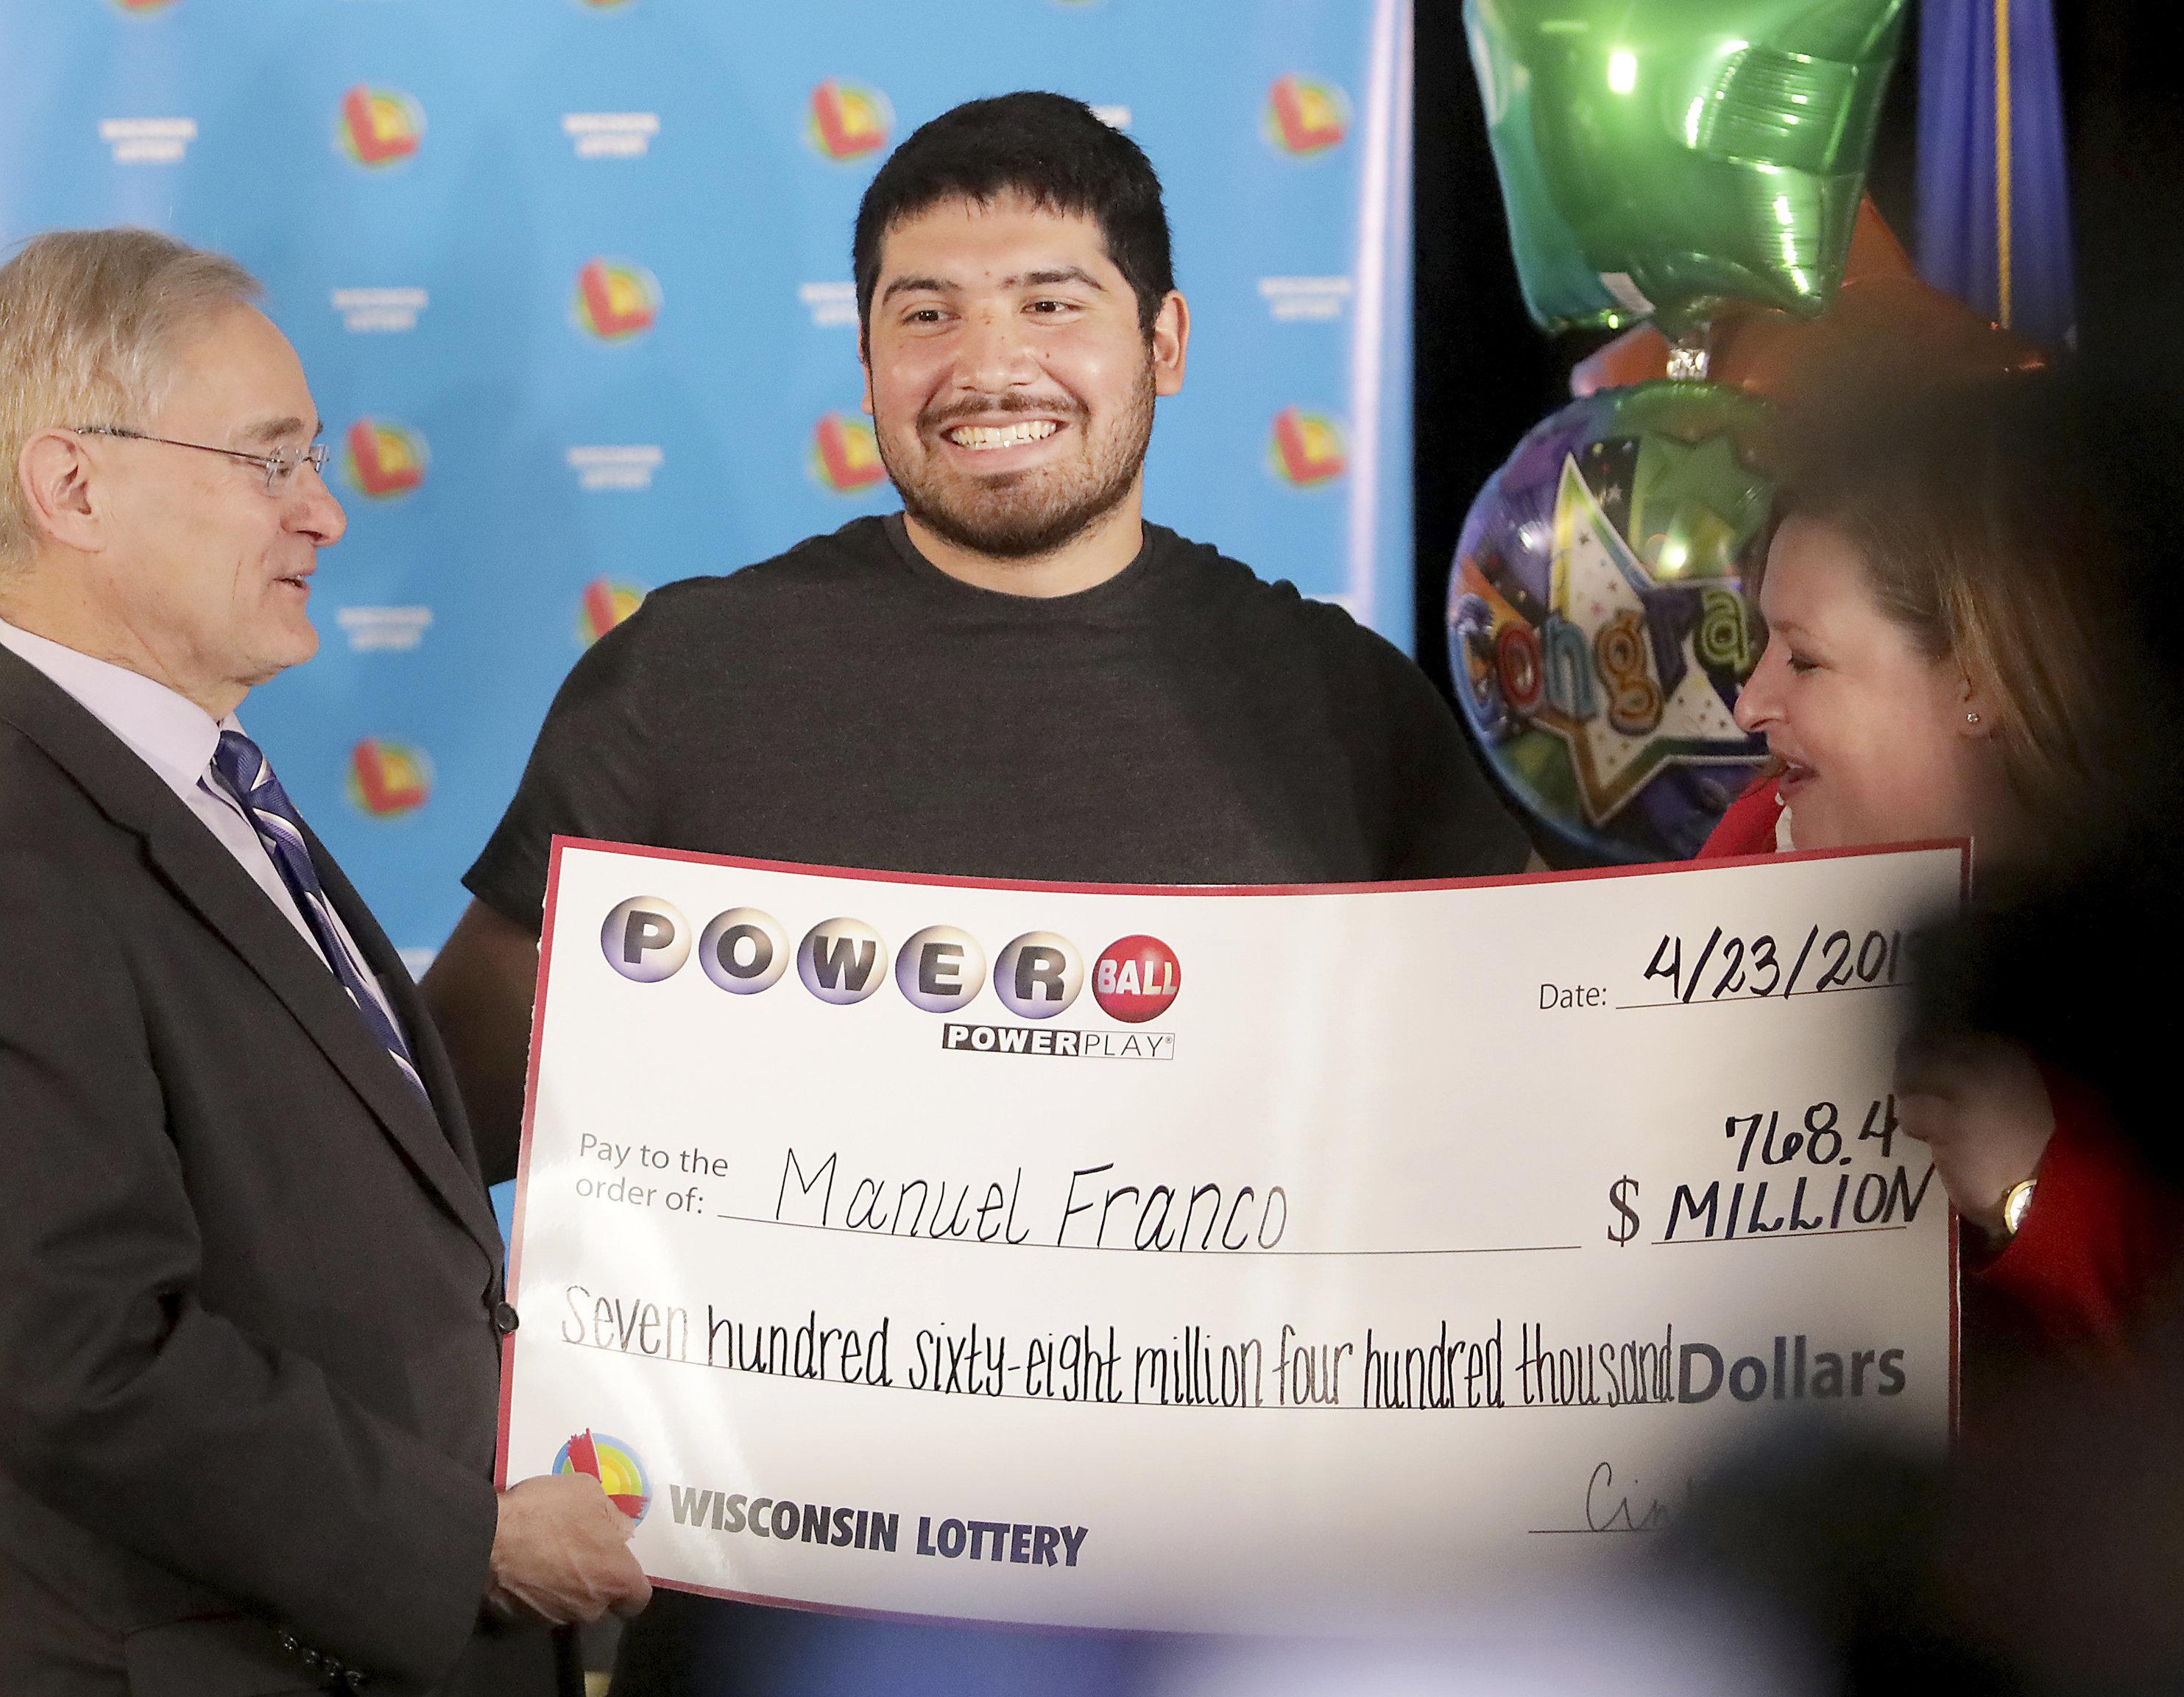 ΗΠΑ: Νεαρός 24 ετών κέρδισε 768 εκατ. δολάρια σε